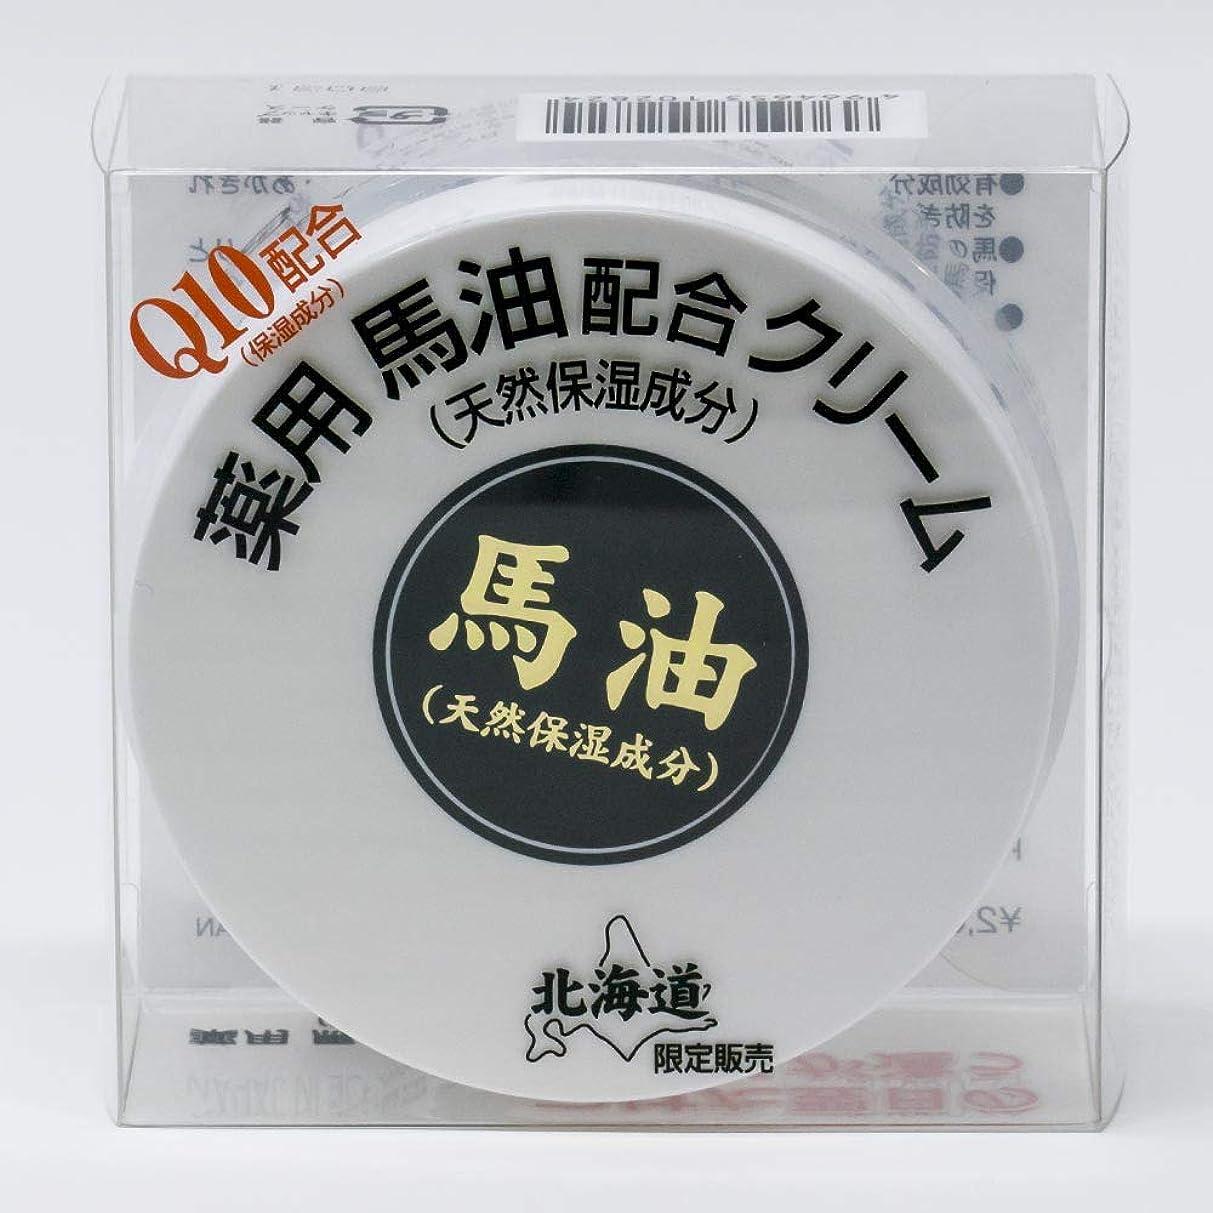 降臨侵略実験薬用 馬油配合クリーム 天然保湿成分Q10配合